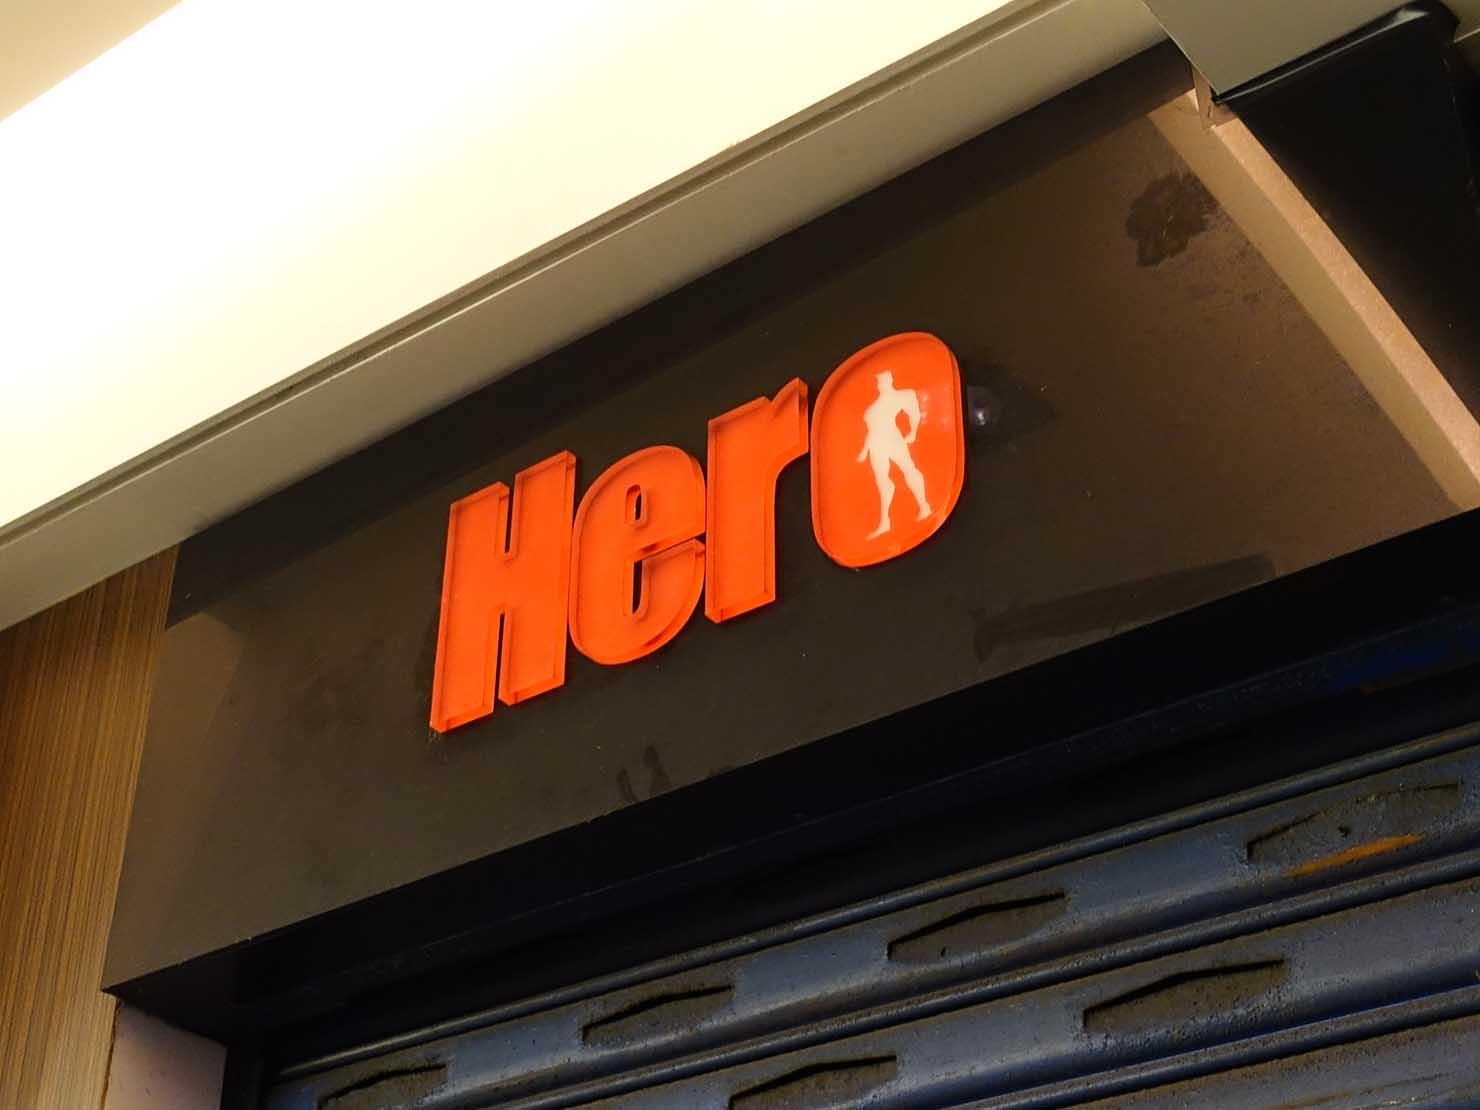 台北・西門町の人気ゲイバー&クラブ「Hero」